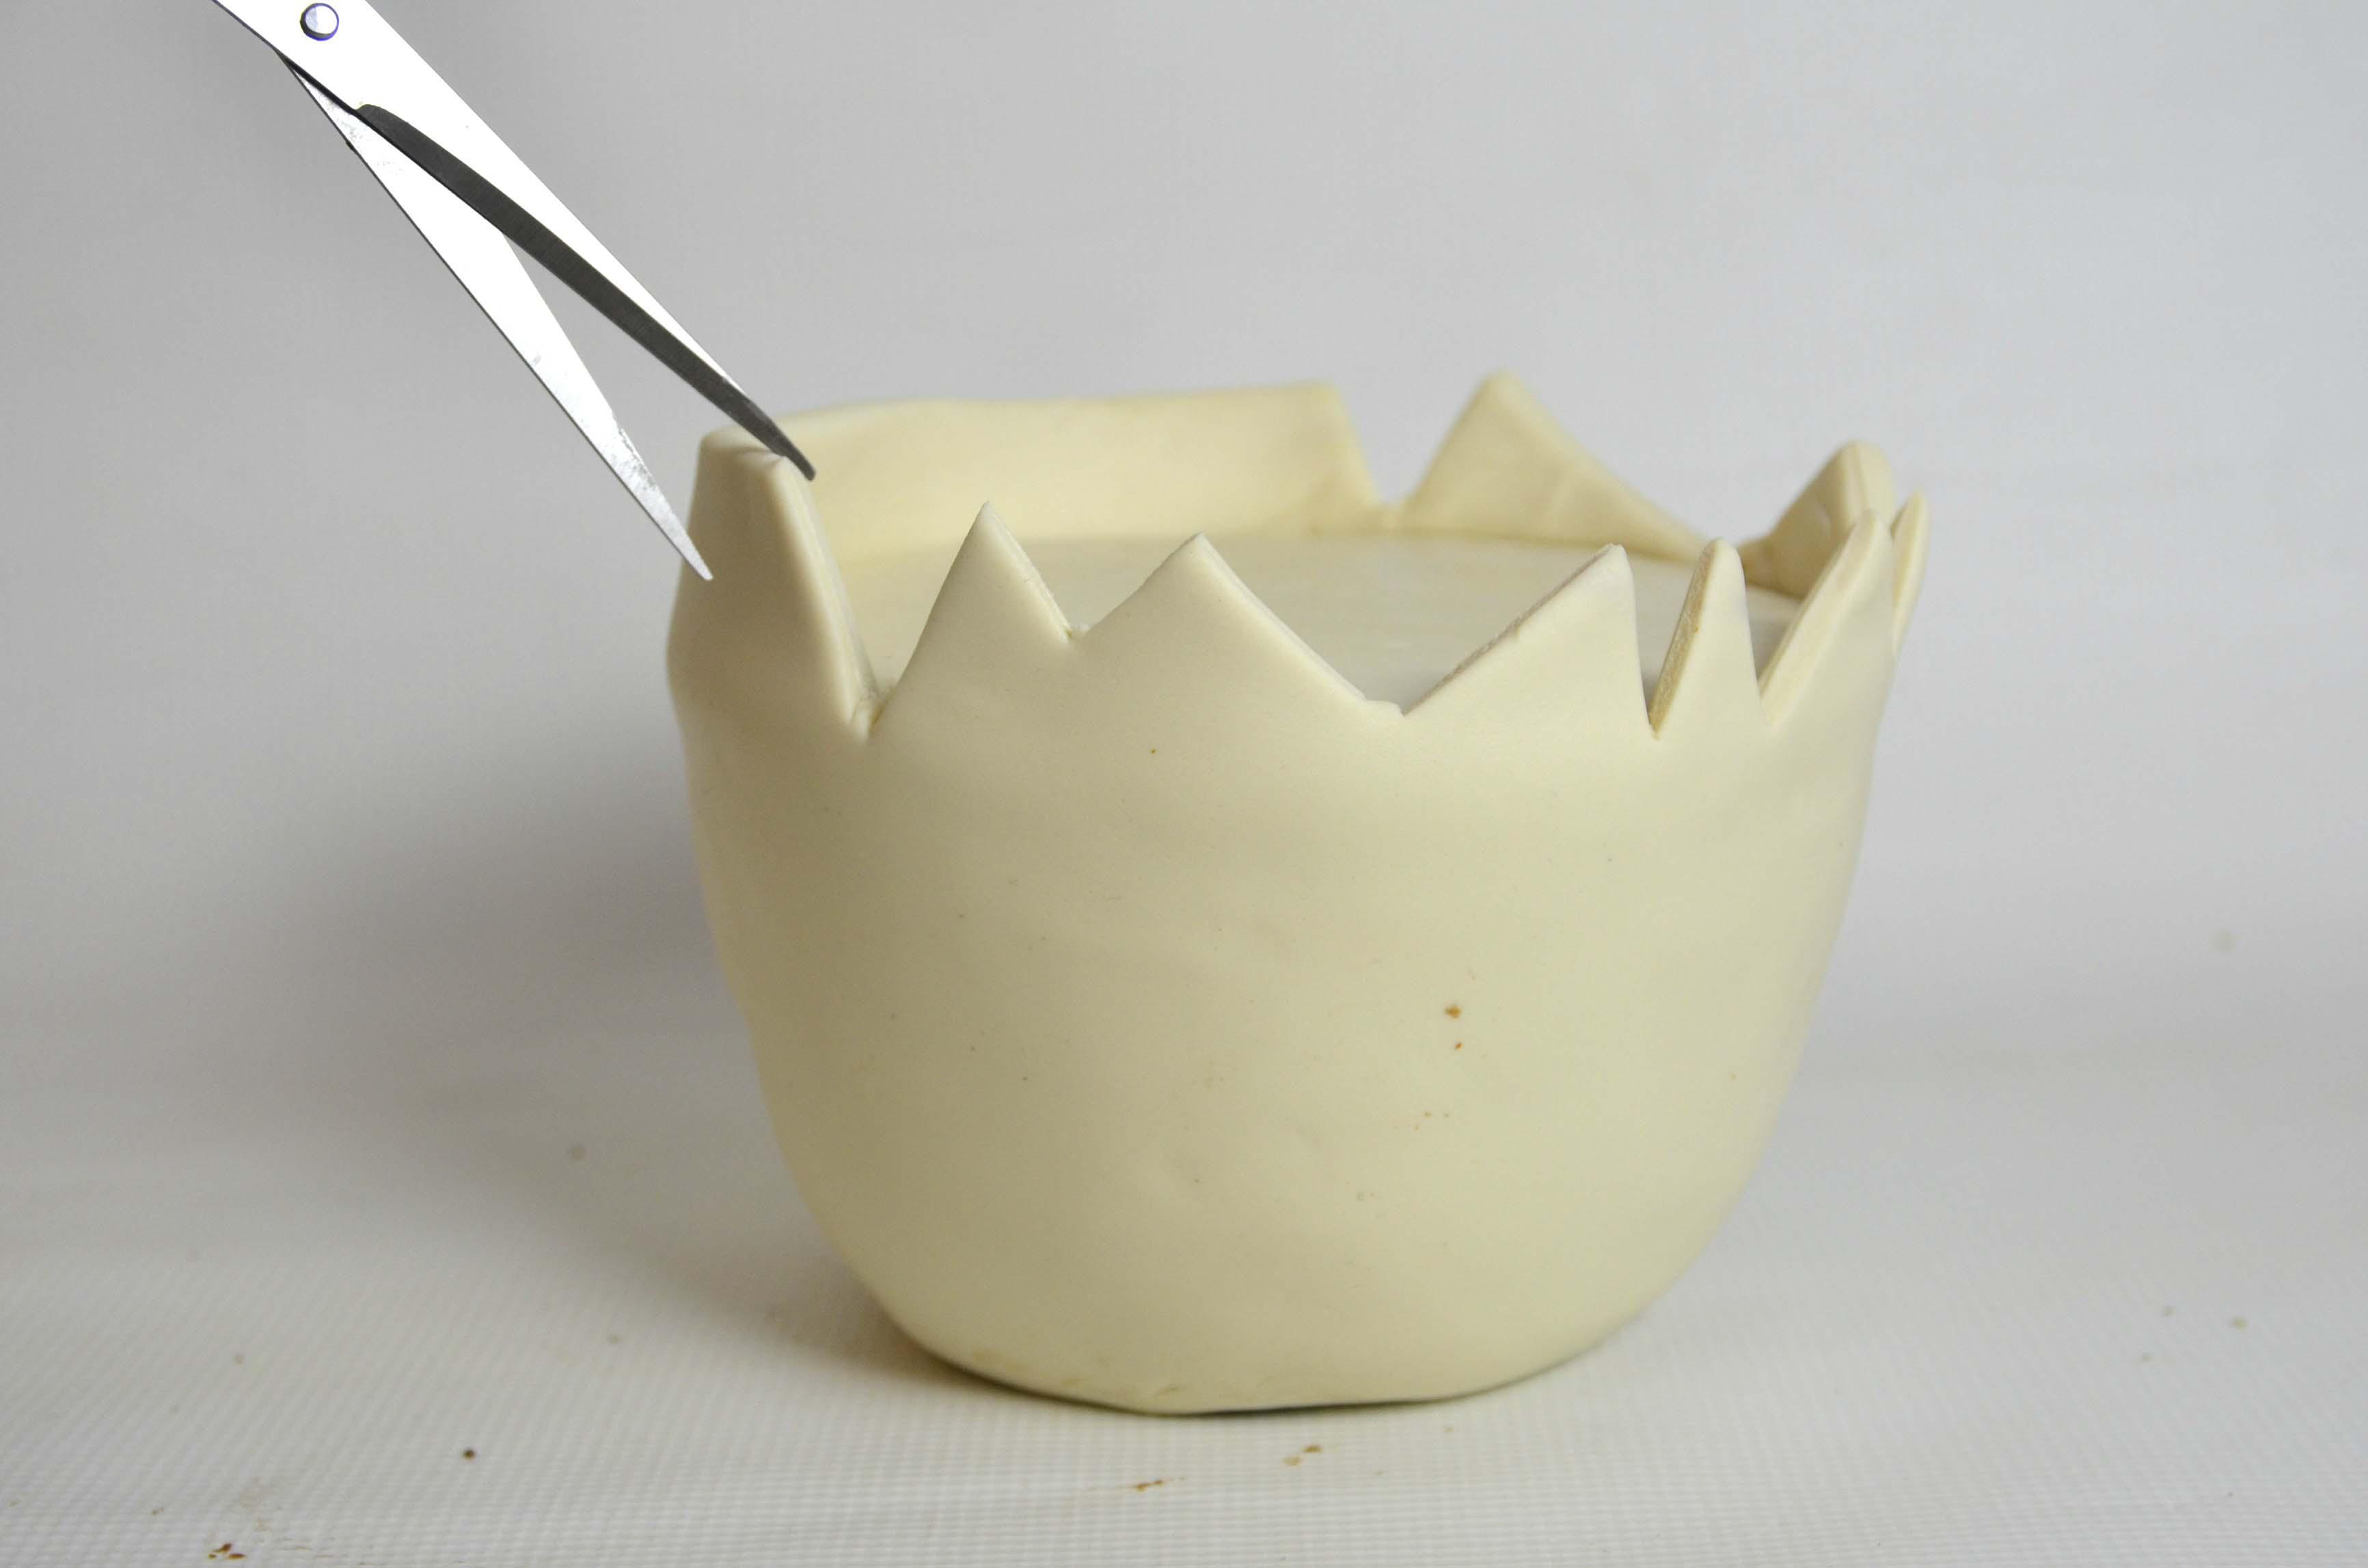 Cracked shell using sugarpaste